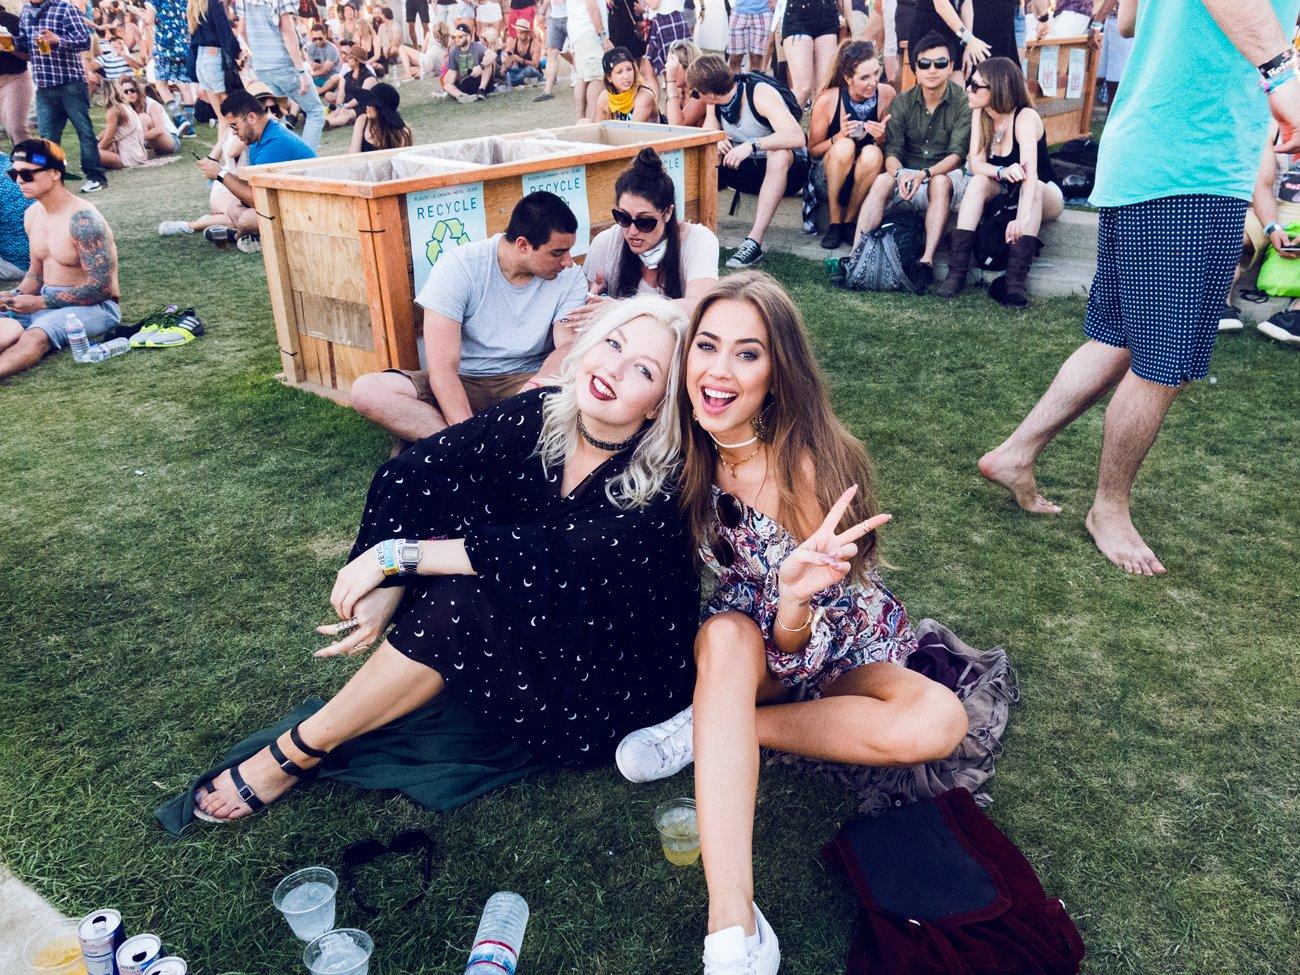 Kenza_Zouiten_Coachella_day3_06